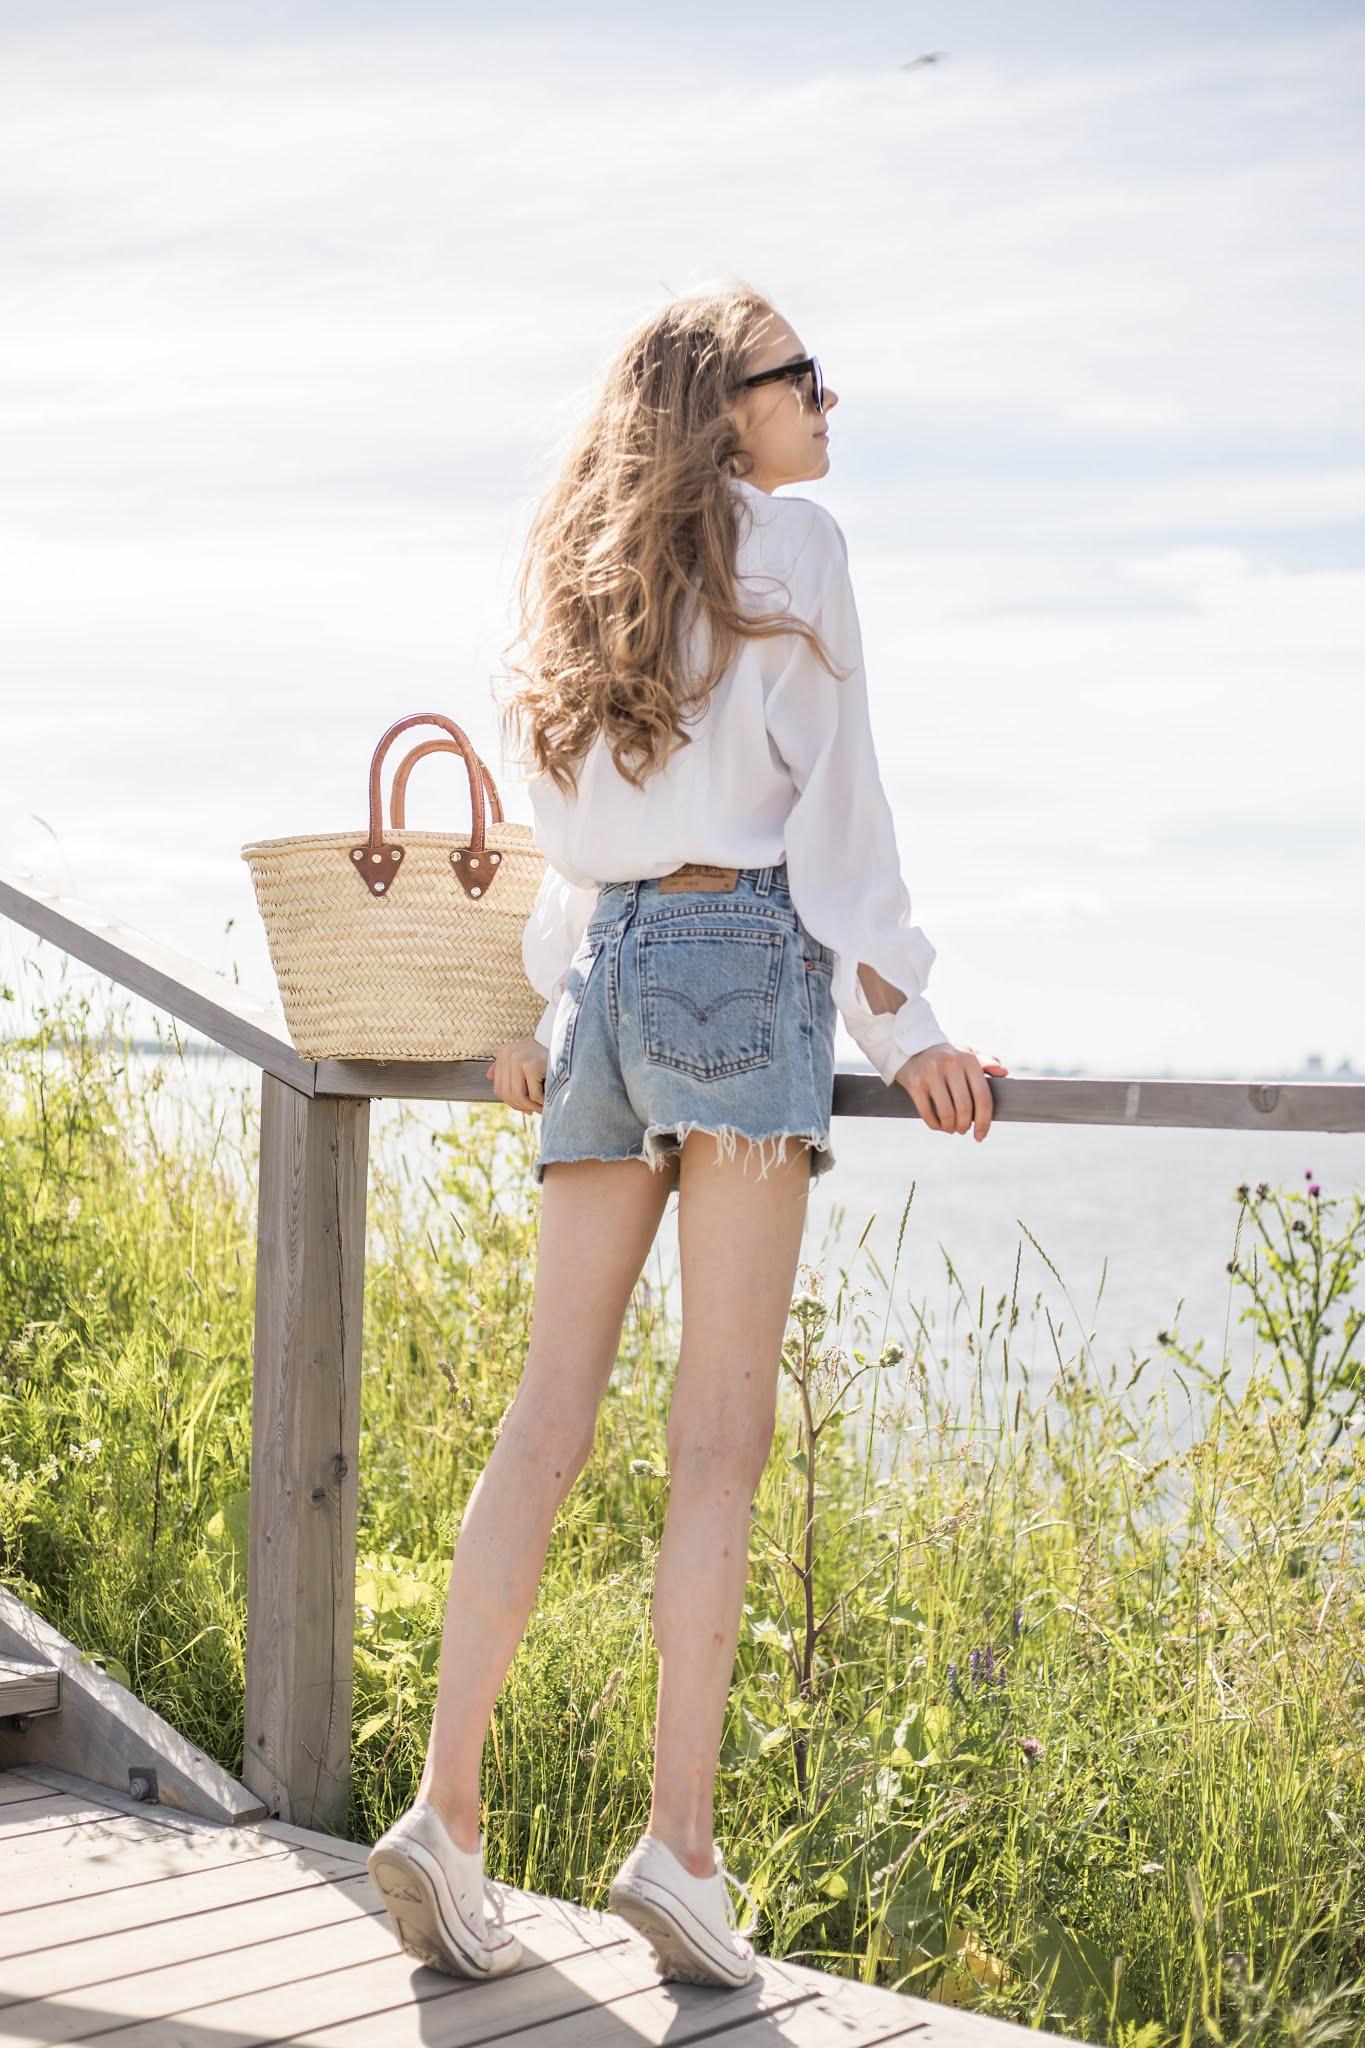 Ajaton keästyyli: valkoinen paita ja vintage Levi's farkkushortsit // Timelss summer fashion: white shirt and vintage Levi's denim shorts